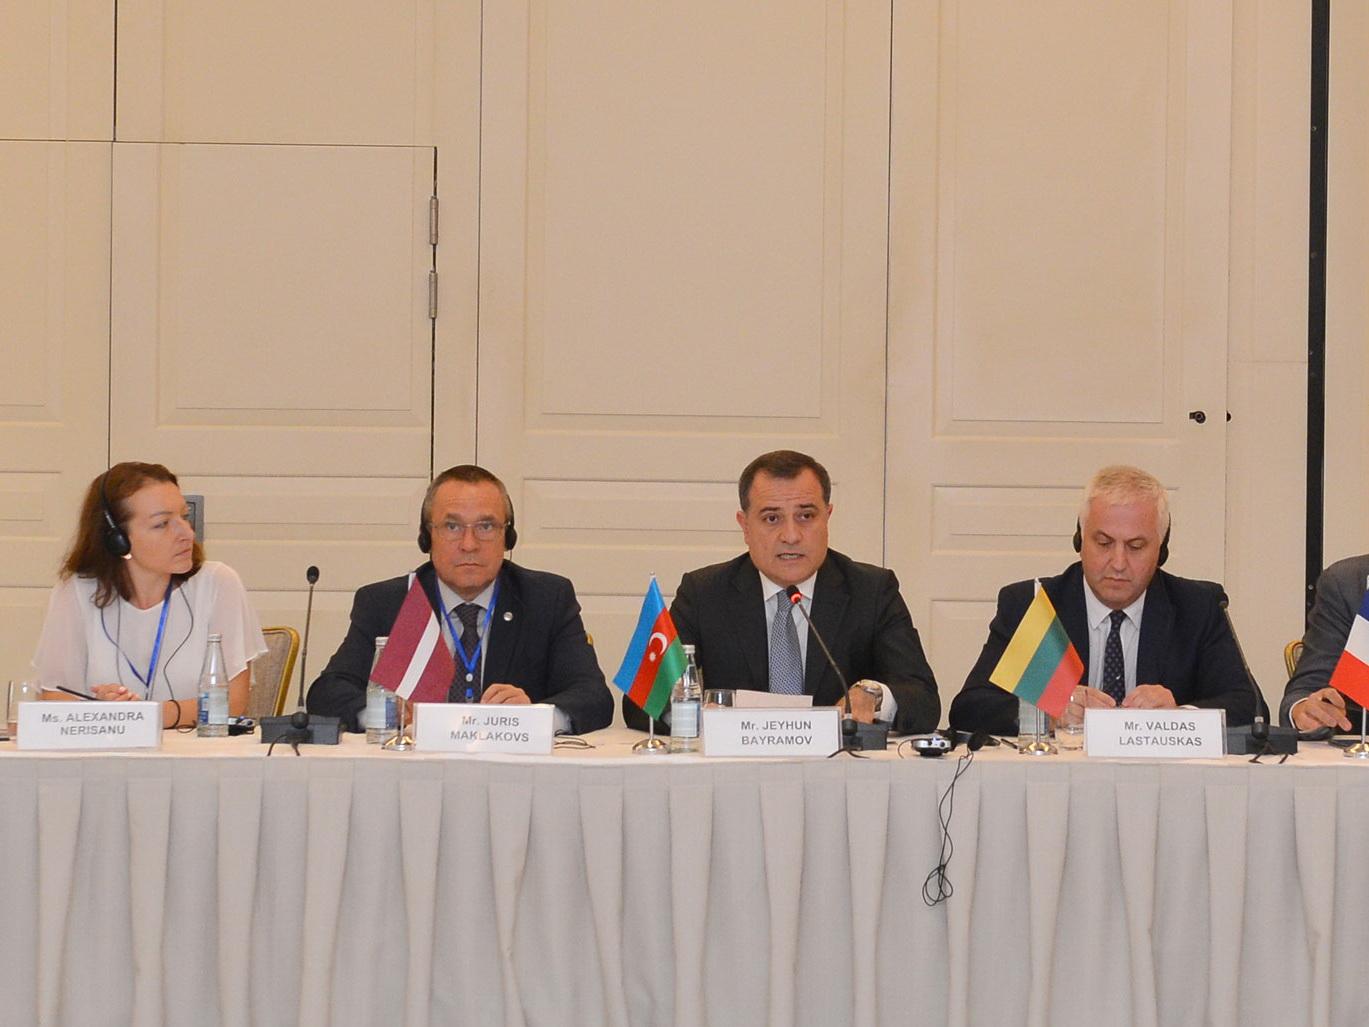 Состоялась презентация проекта Twinning «Поддержка усиления высшего образования в Азербайджане»